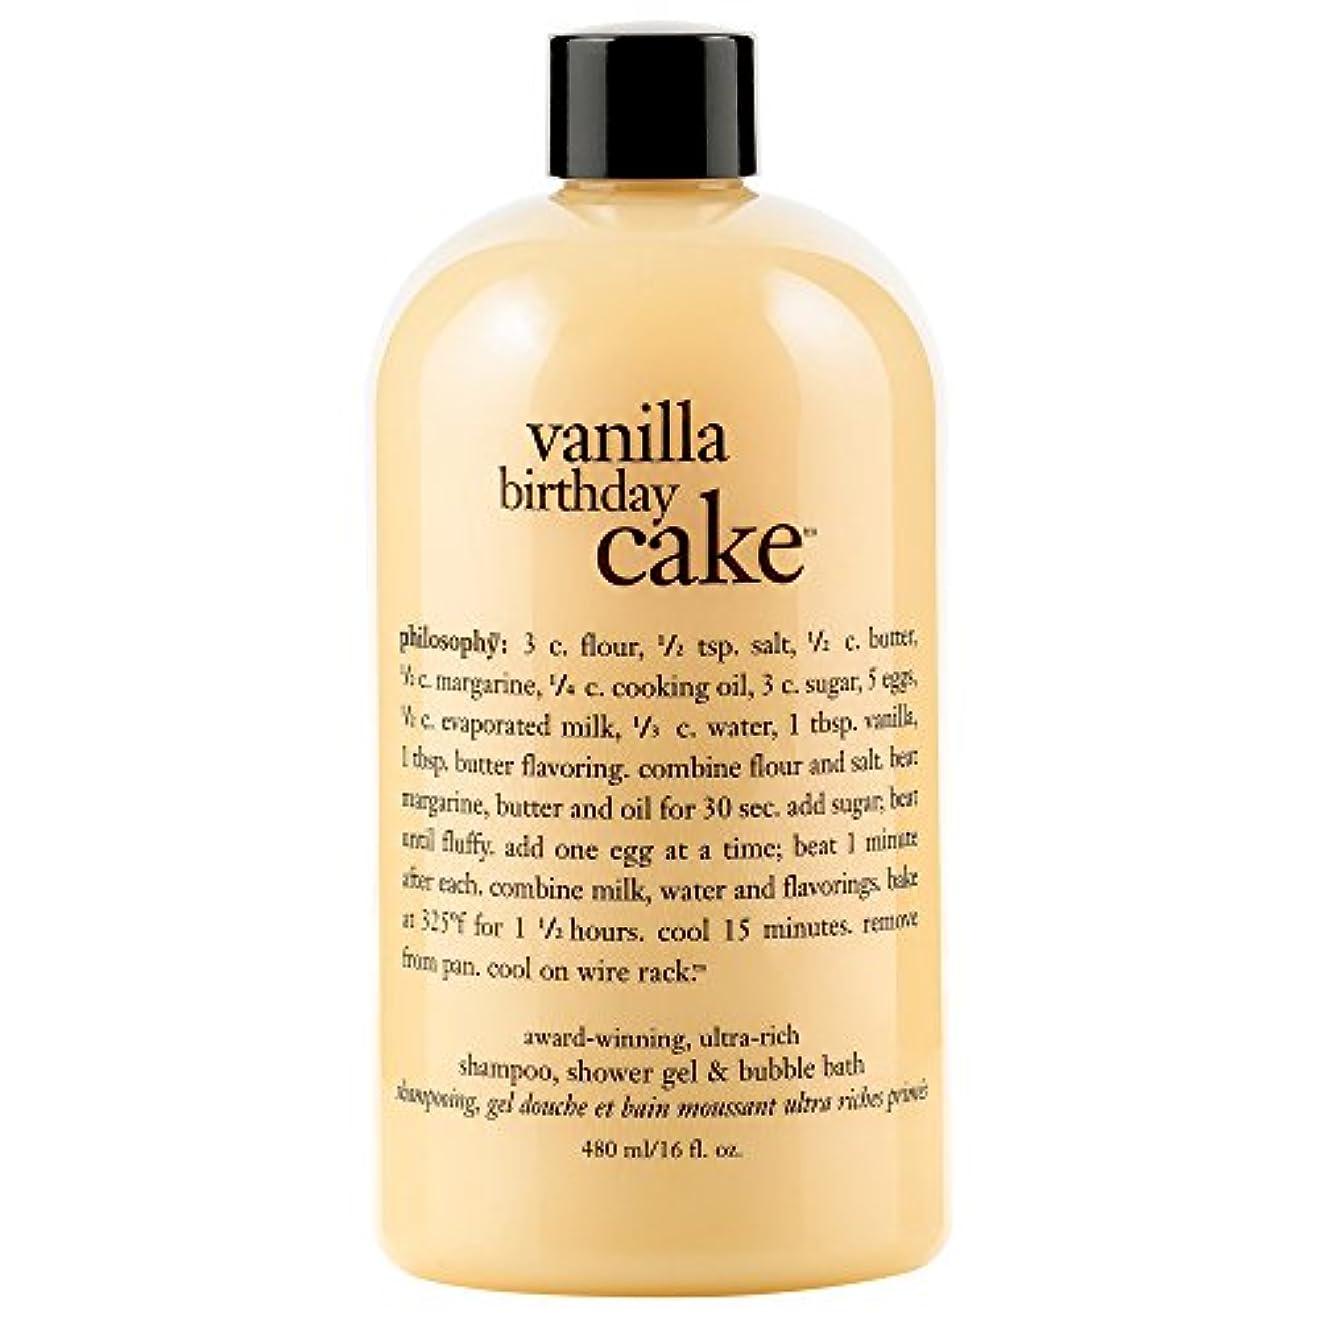 期待して好奇心びっくり哲学バニラバースデーケーキシャンプー/シャワージェル/バブルバス480ミリリットル (Philosophy) (x2) - Philosophy Vanilla Birthday Cake Shampoo/Shower...